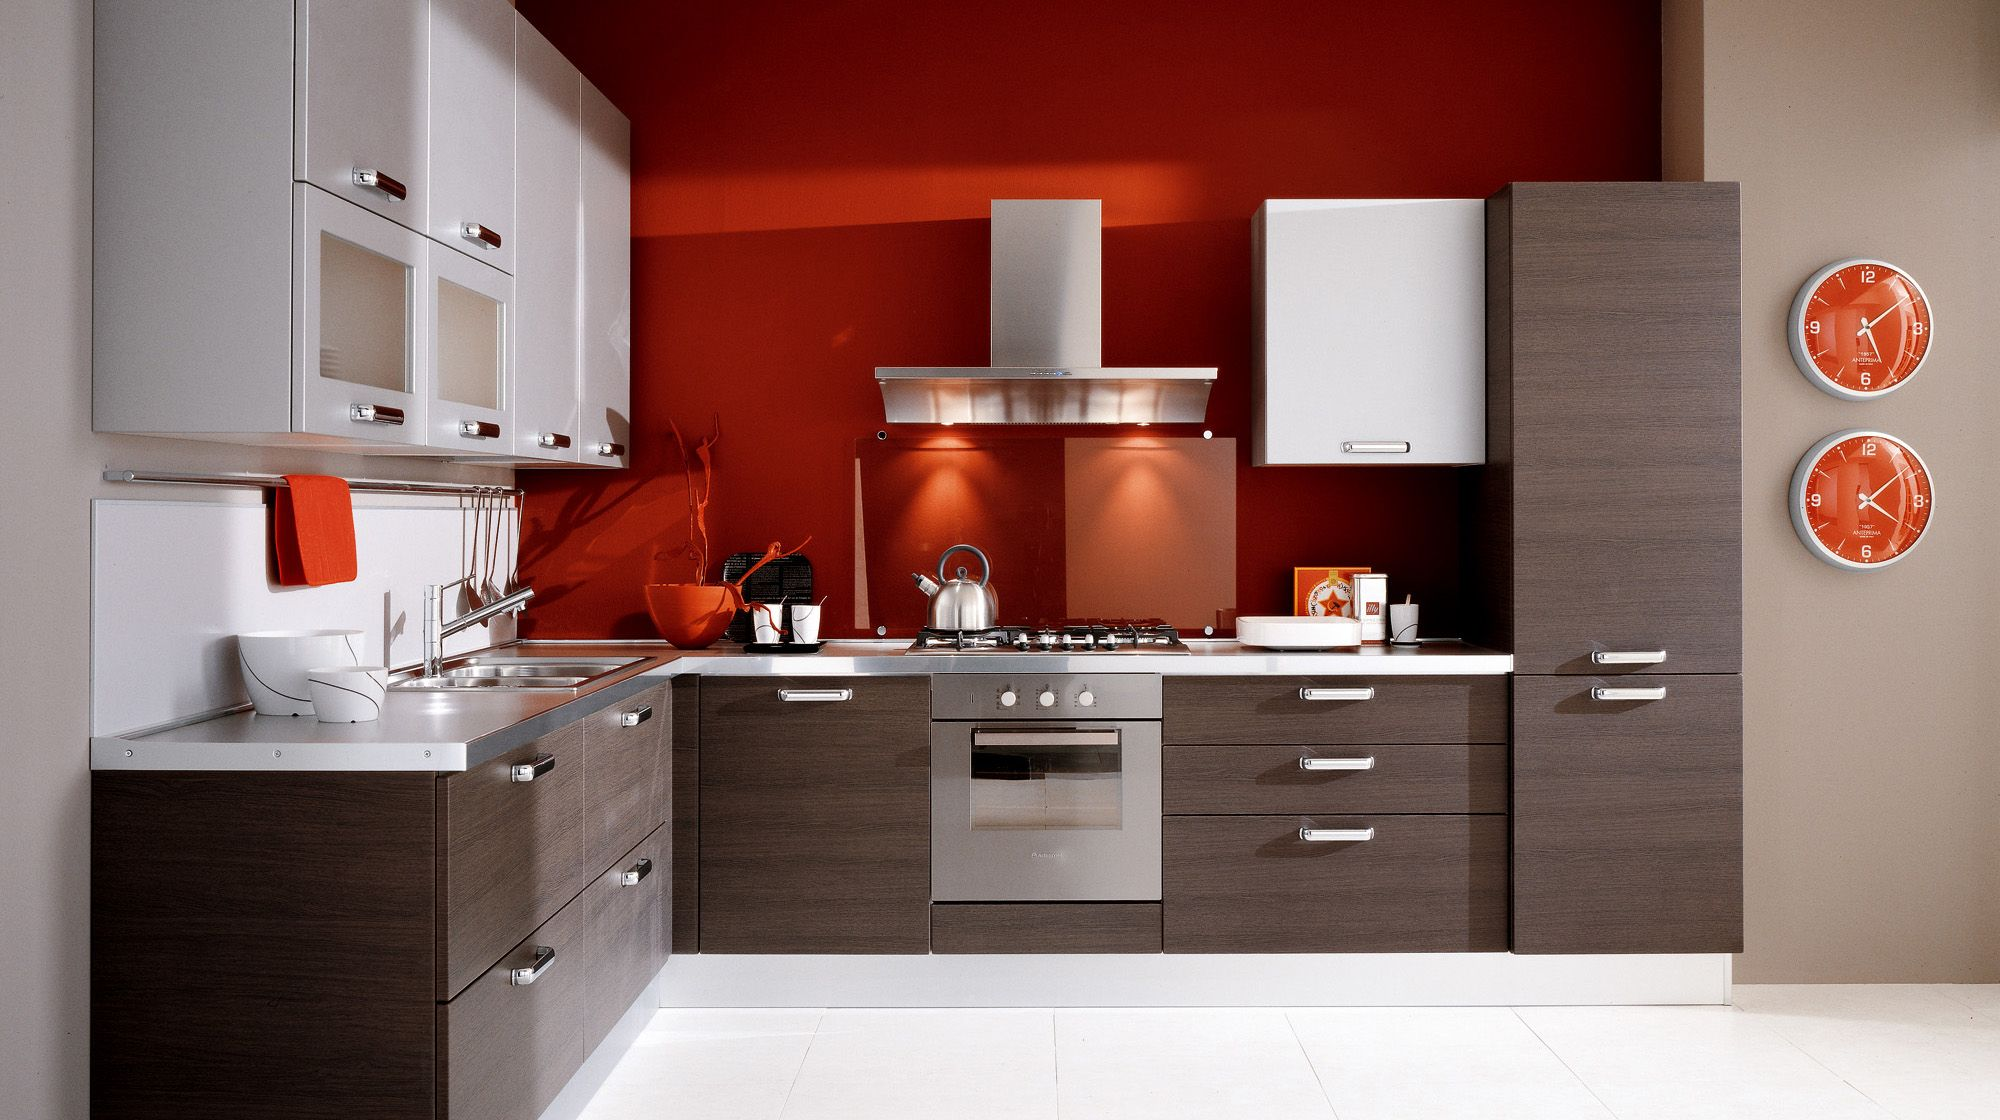 Cocinas en rojo - treinta y ocho diseños ardientes -   Interiors and ...